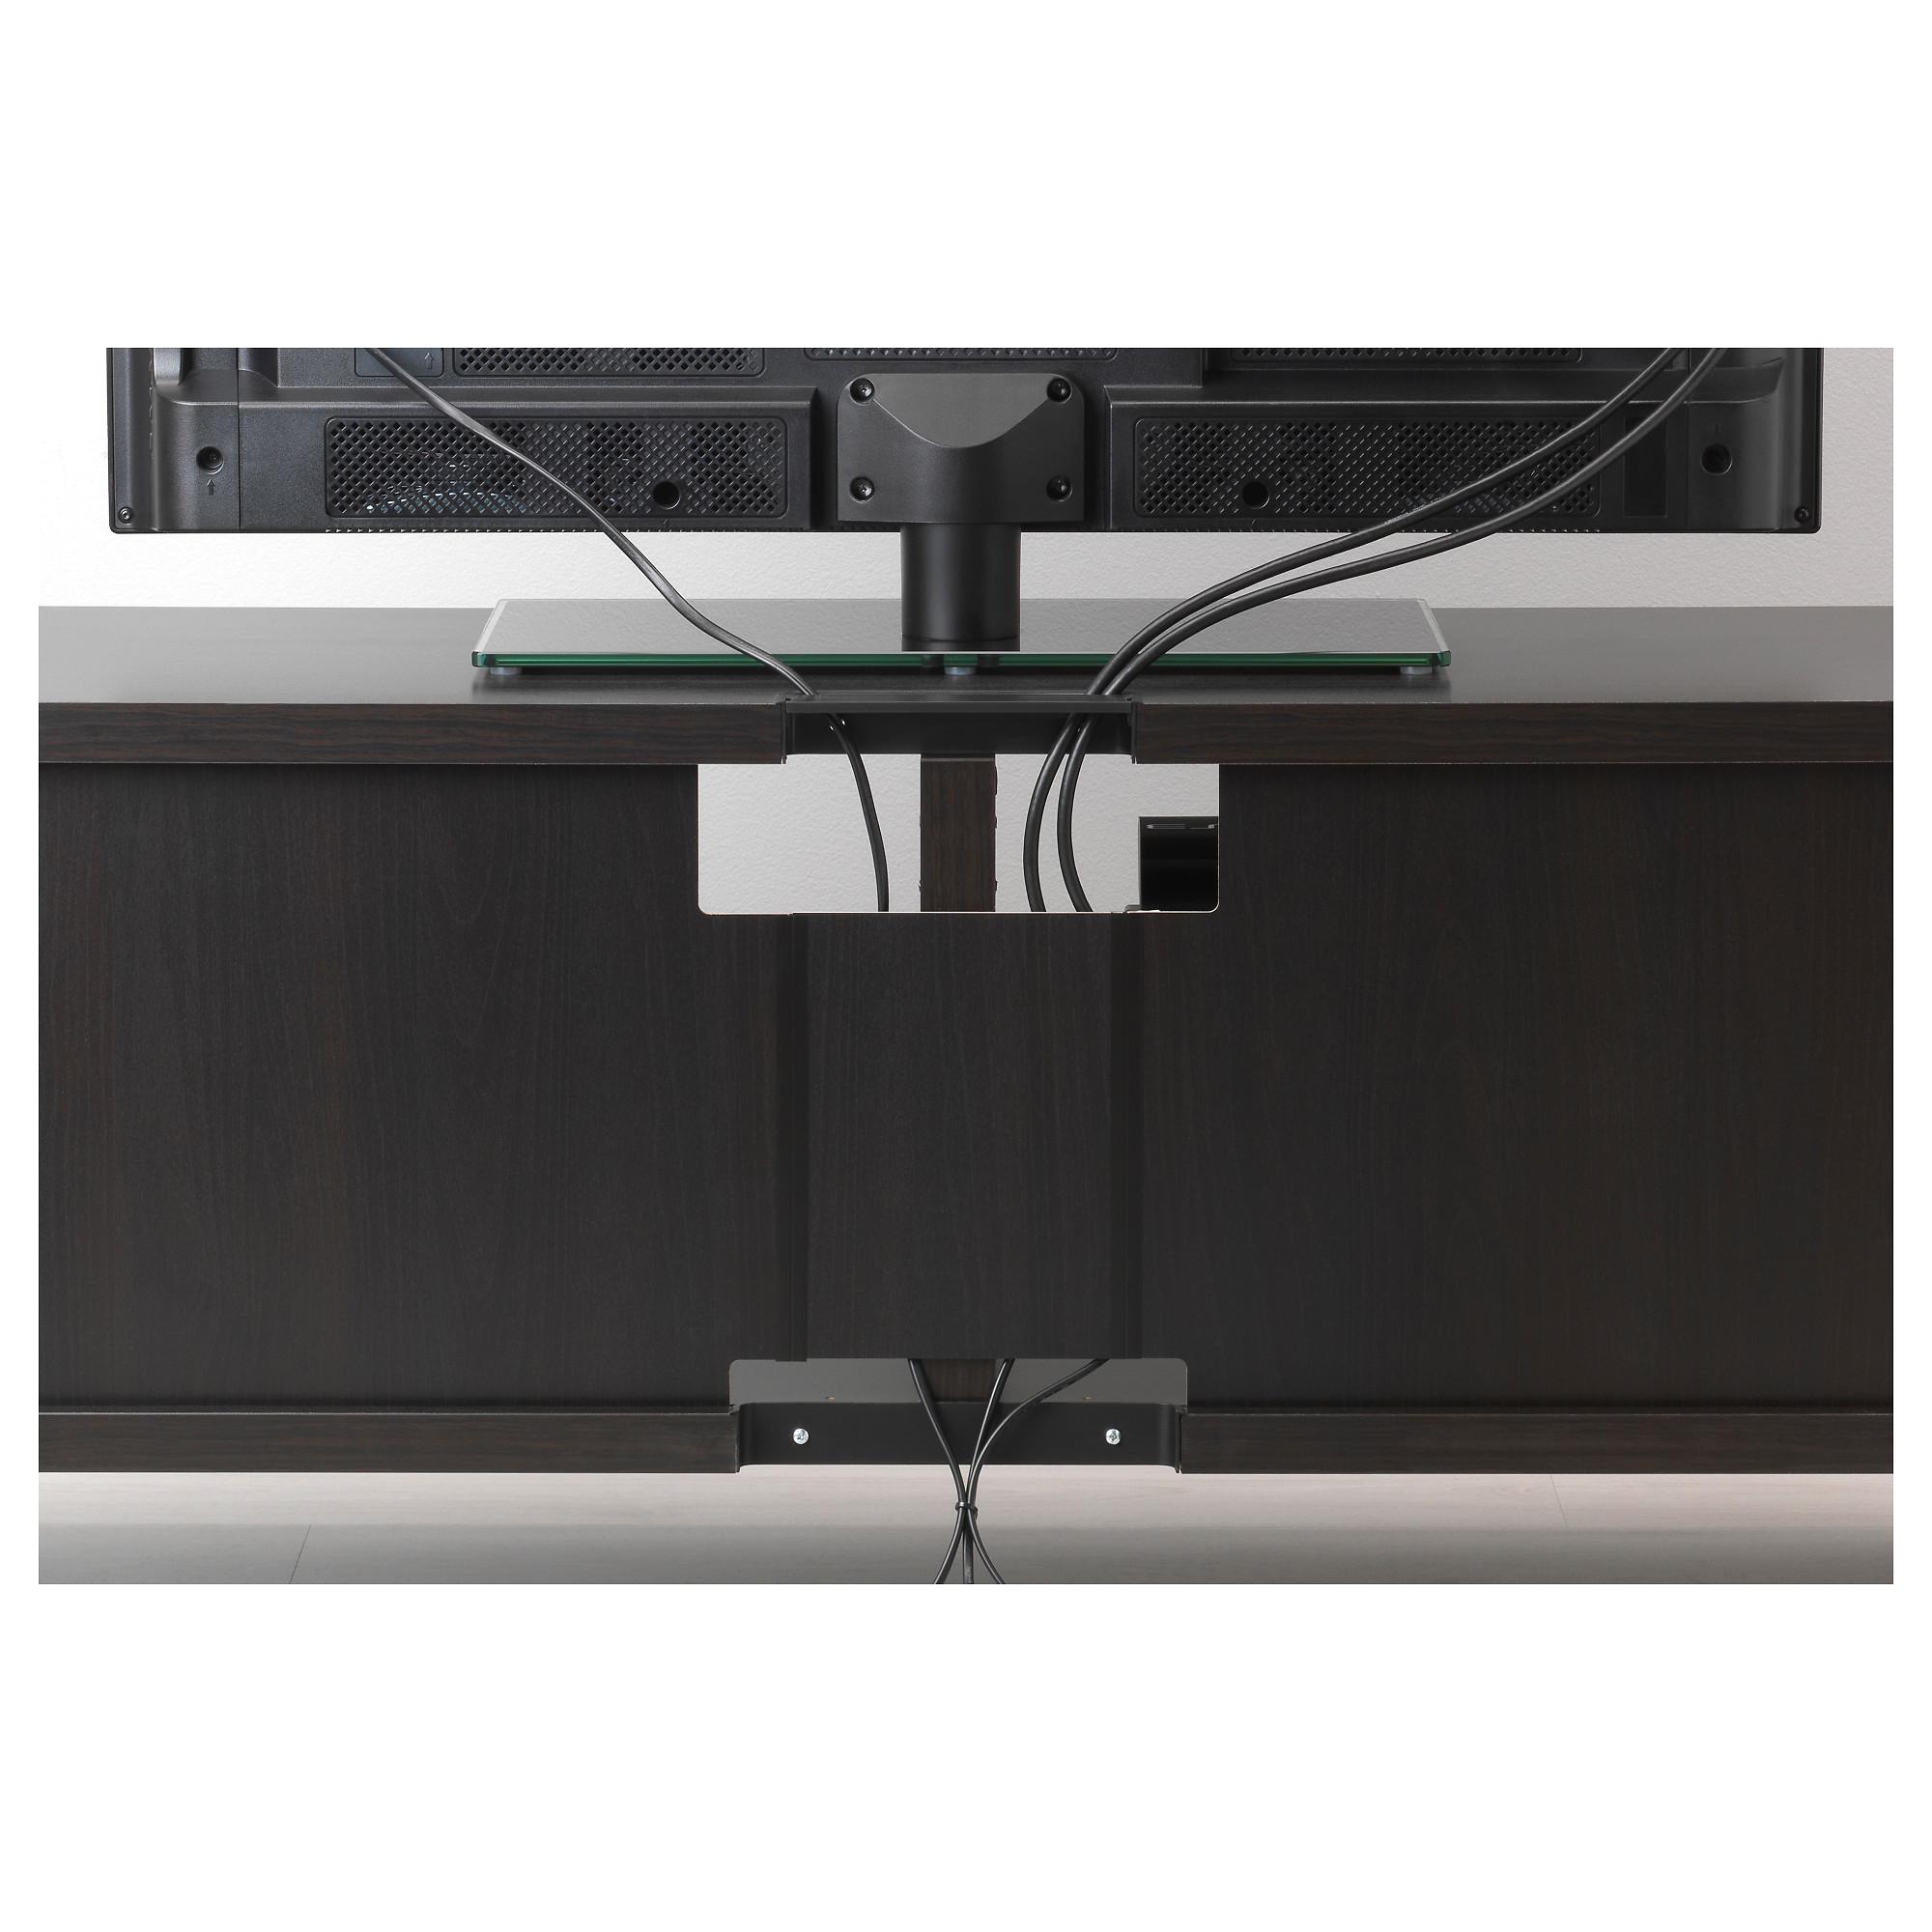 Шкаф для ТВ, комбинация БЕСТО черно-коричневый артикуль № 392.514.22 в наличии. Интернет каталог IKEA Минск. Быстрая доставка и установка.